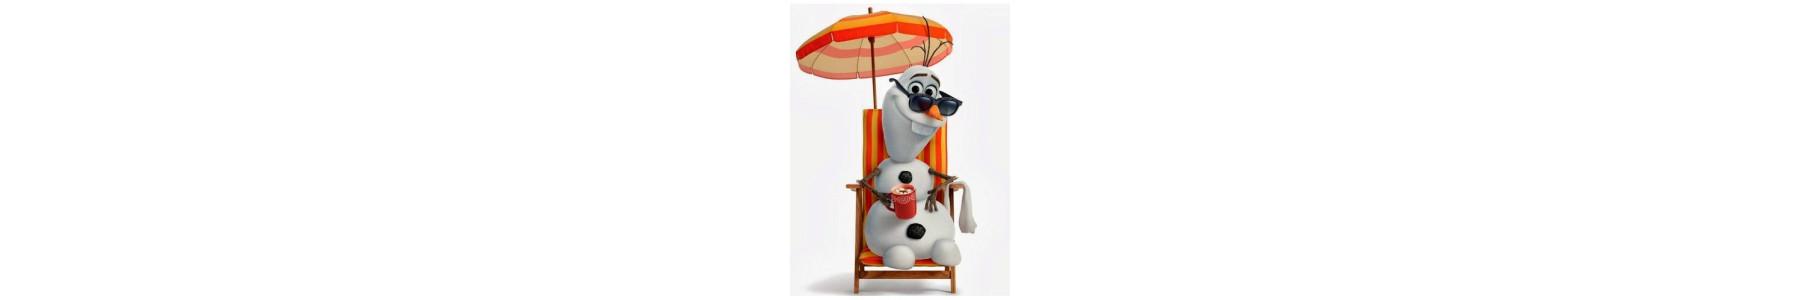 Colectia de articole party Olaf Summer